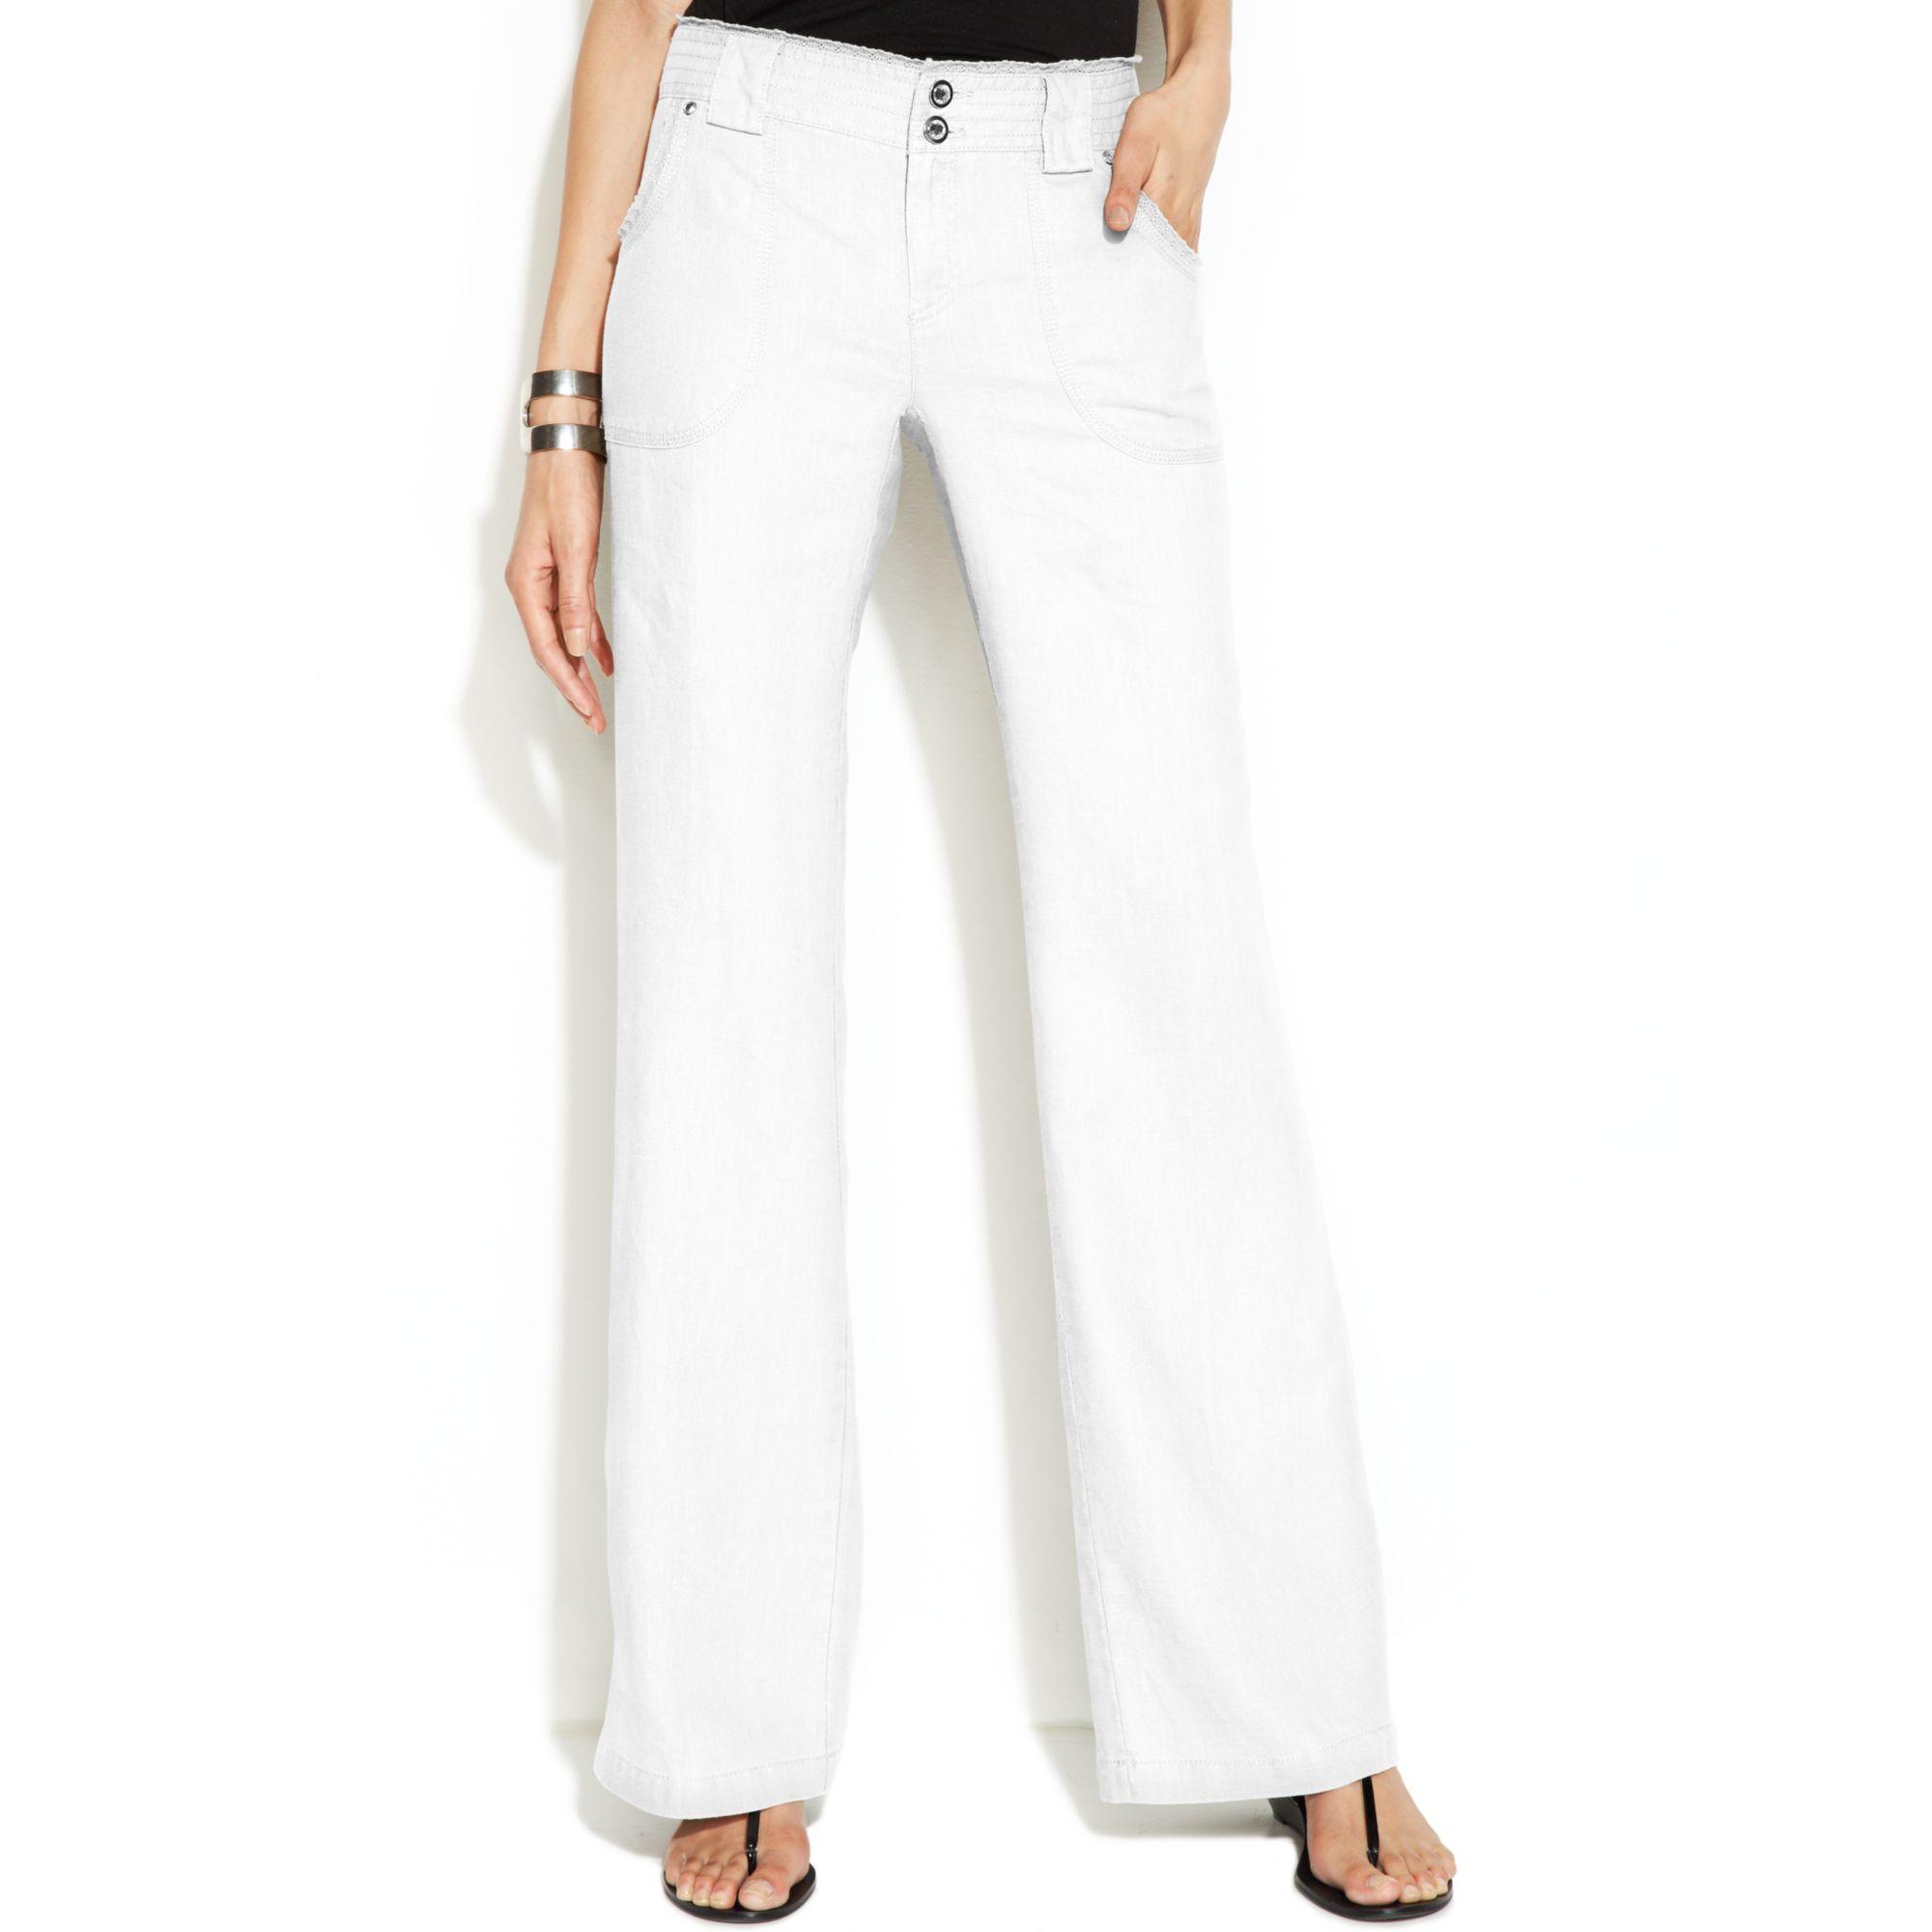 Inc international concepts Curvy-fit Lace-trim Wide-leg Linen ...